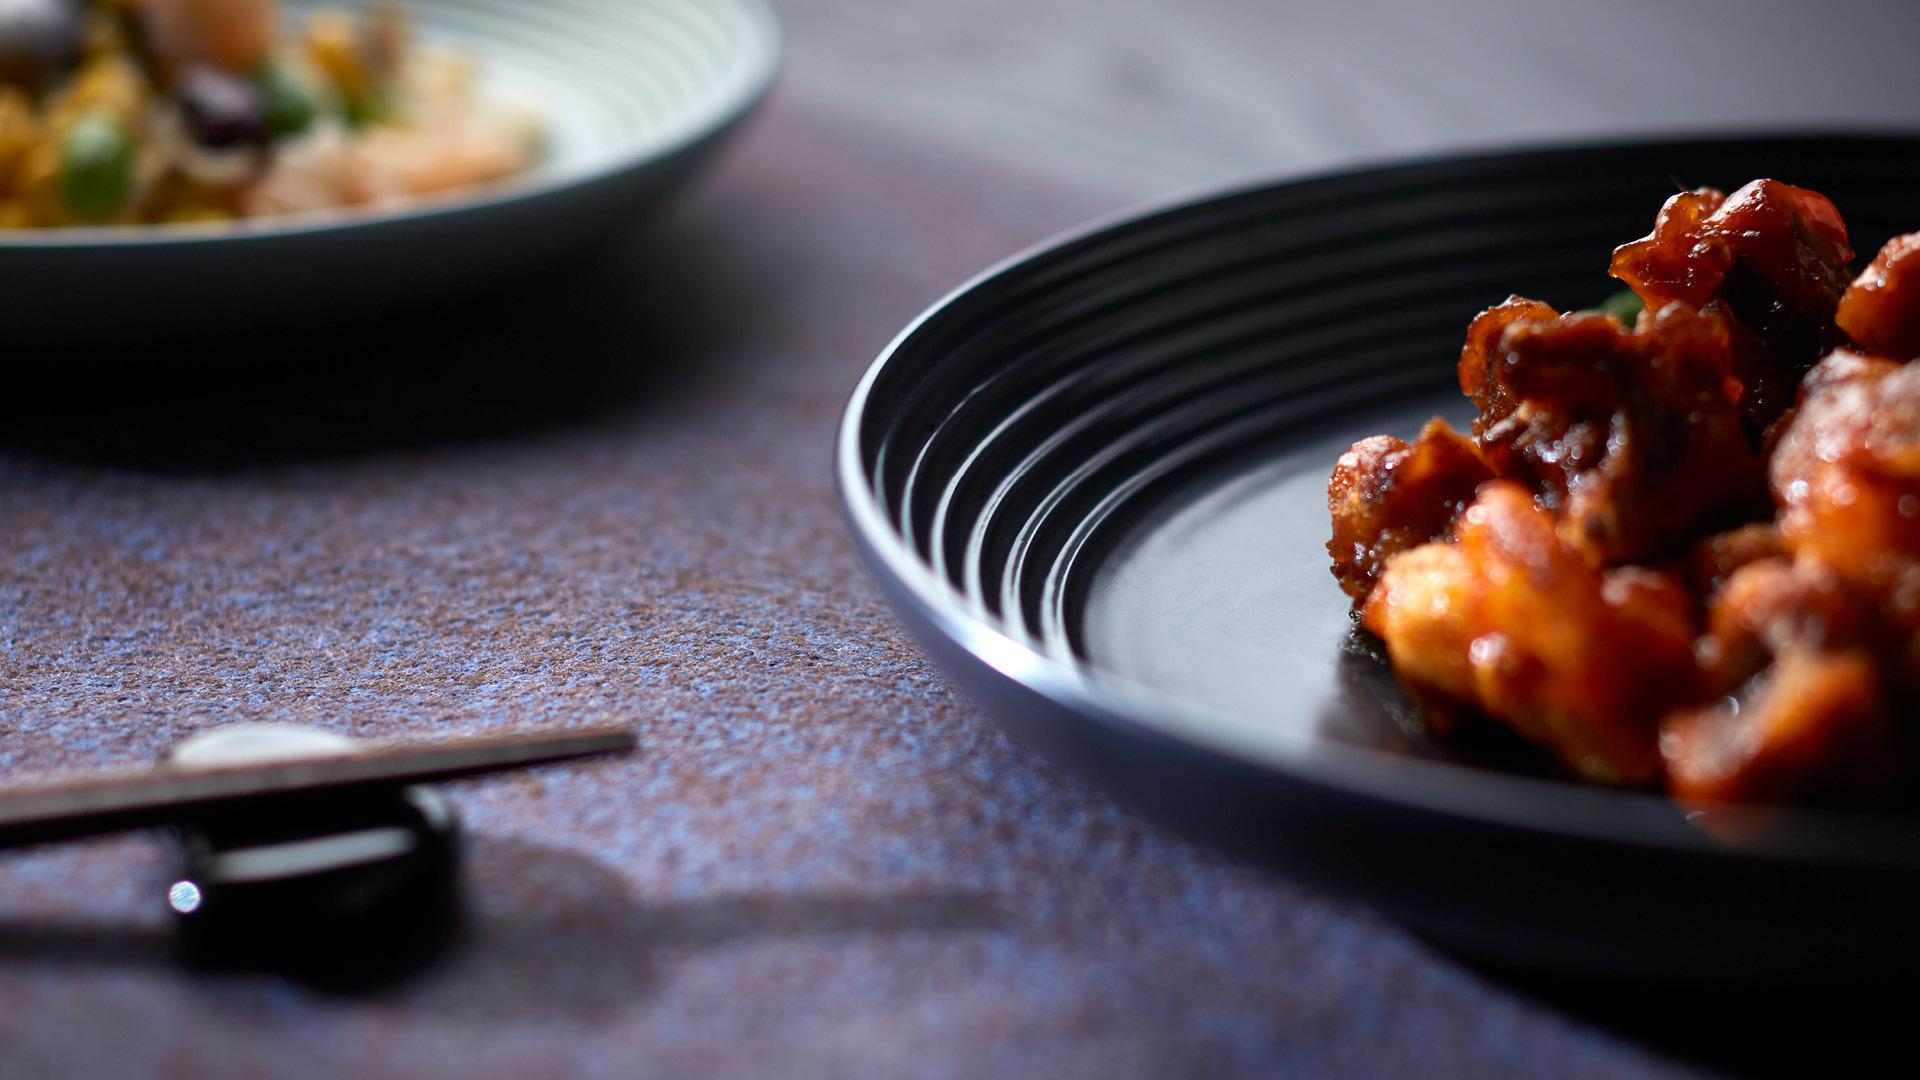 2种尺寸盘套装,将多味菜肴端上餐桌